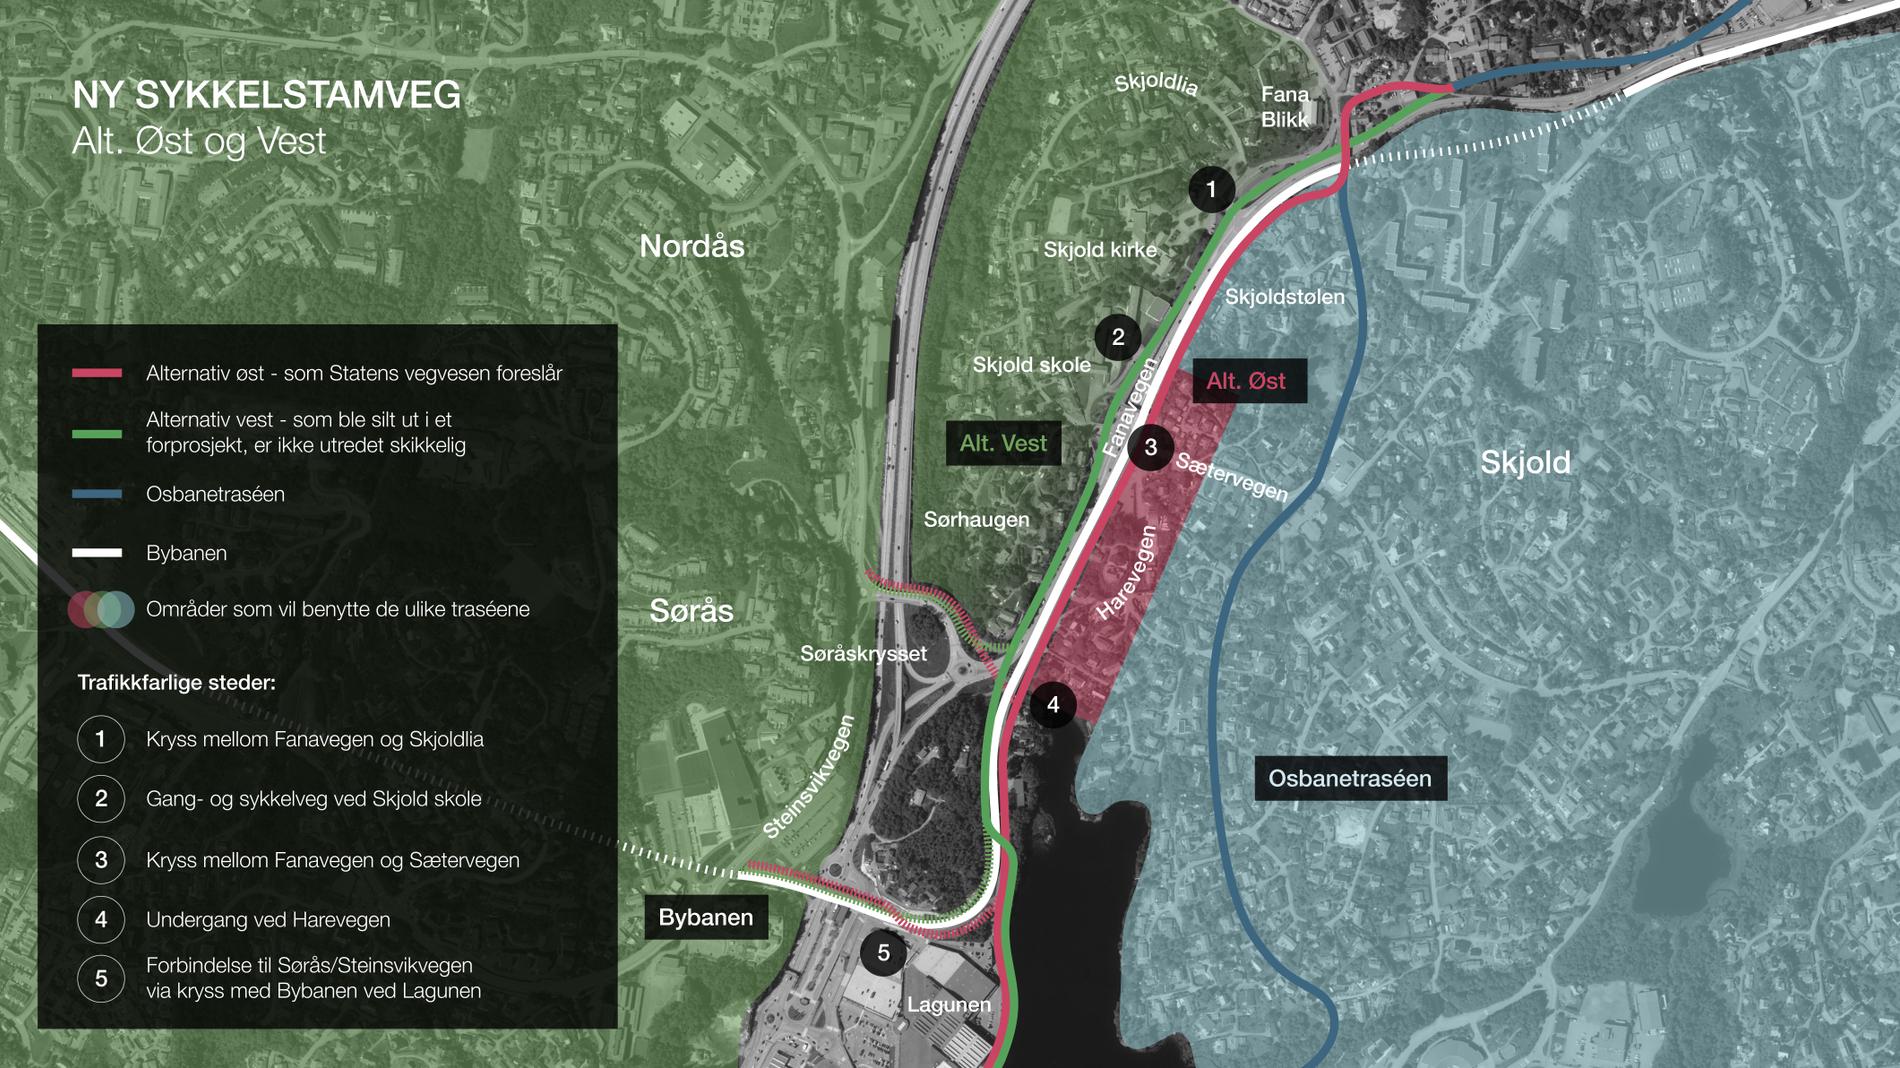 FARLIGE STEDER: Denne kartskissen viser det innsenderen mener er fem punkter på den planlagte sykkelveien der farlige situasjoner lett kan oppstå. Se bilder fra alle fem steder lenger ned på denne siden. Illustrasjon: Privat